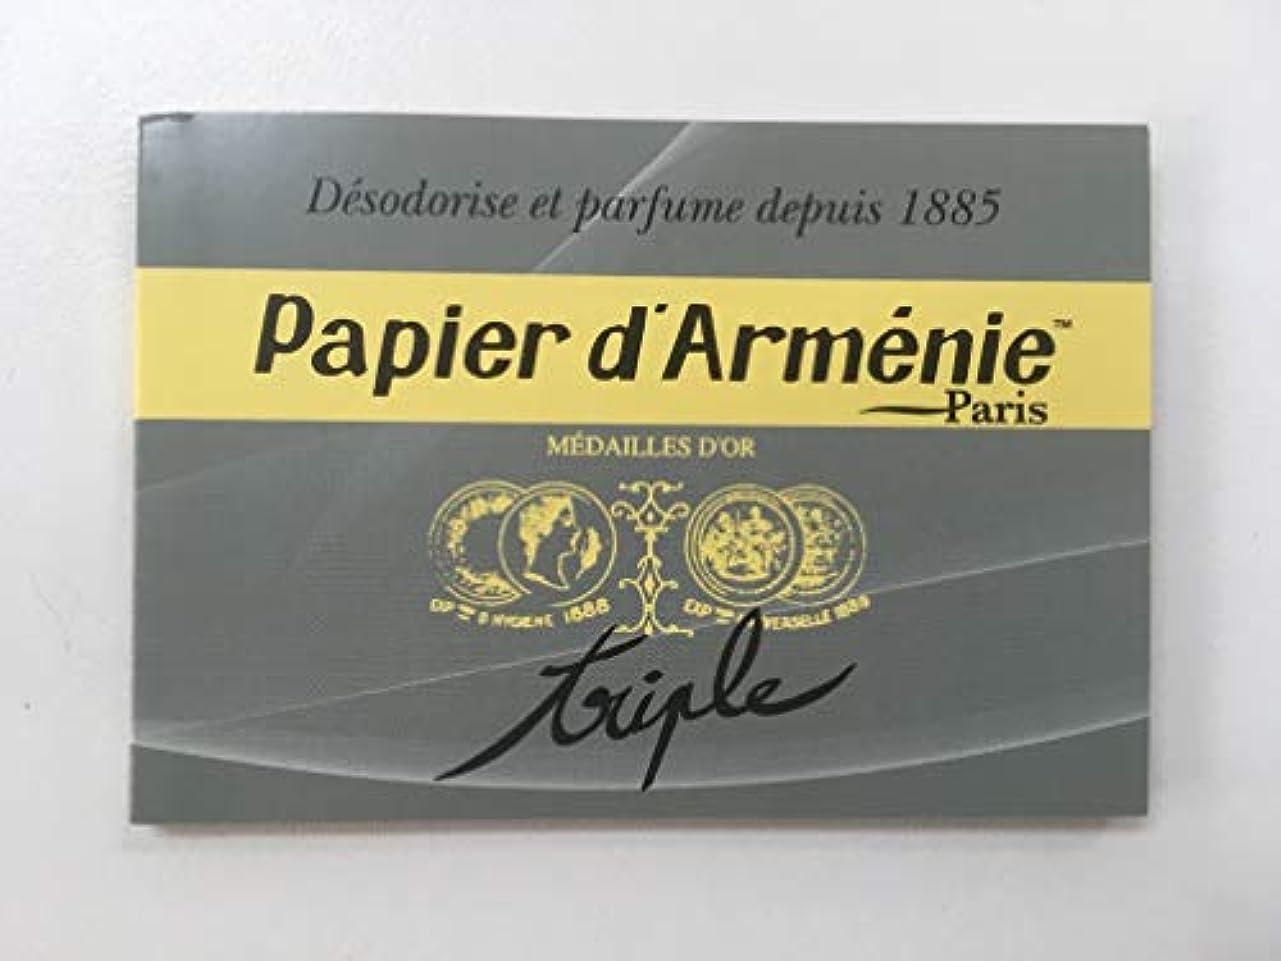 胃検出器住所パピエダルメニイ 空気を浄化する紙のお香パピエダルメニイ トリプル ヨーロッパ雑貨